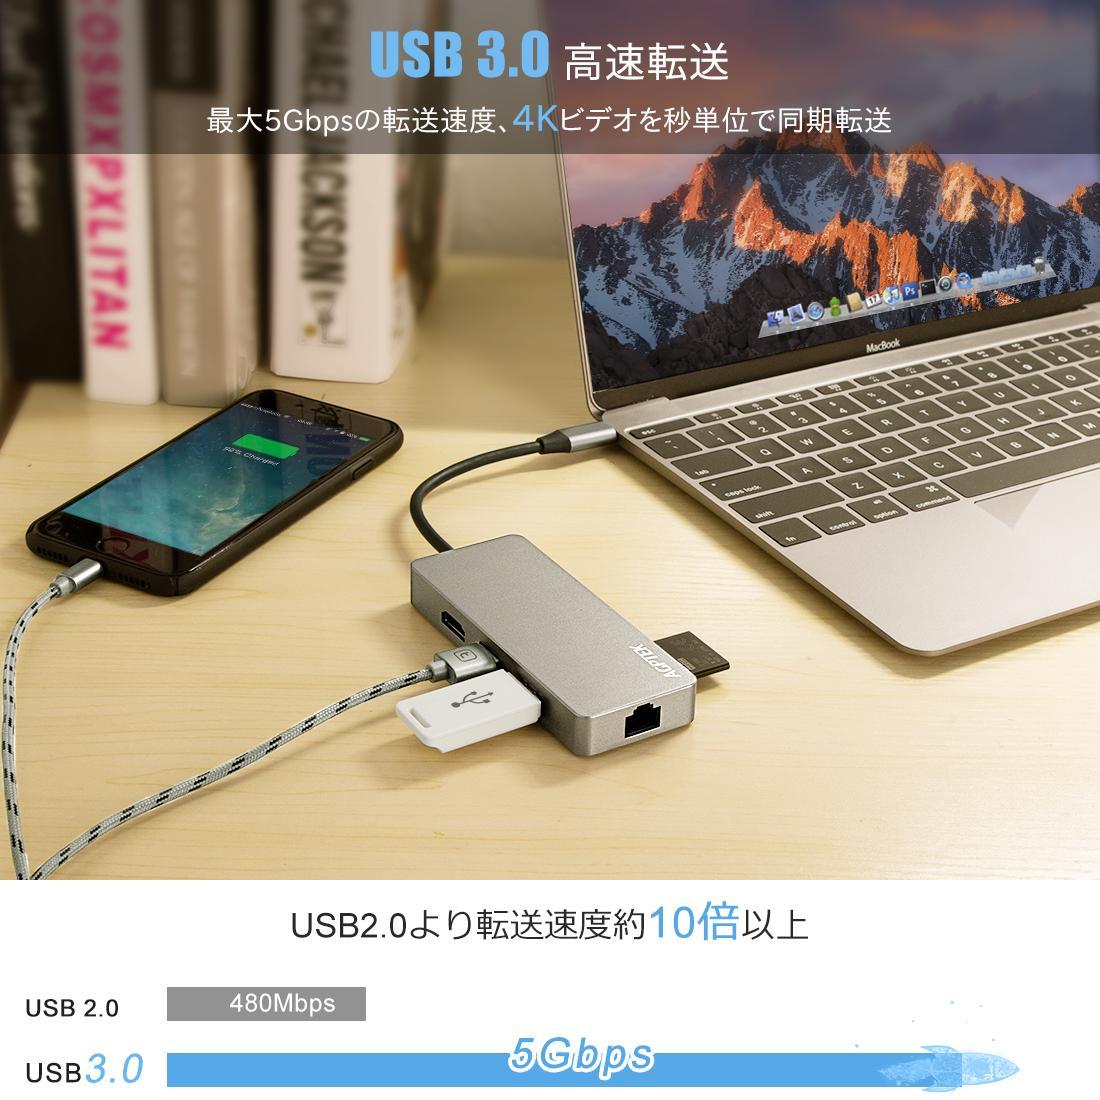 【楽天市場】AGPTEK USB-C ハブ 多機能7-in-1 4K タイプ C マルチ変換アダプター USB C